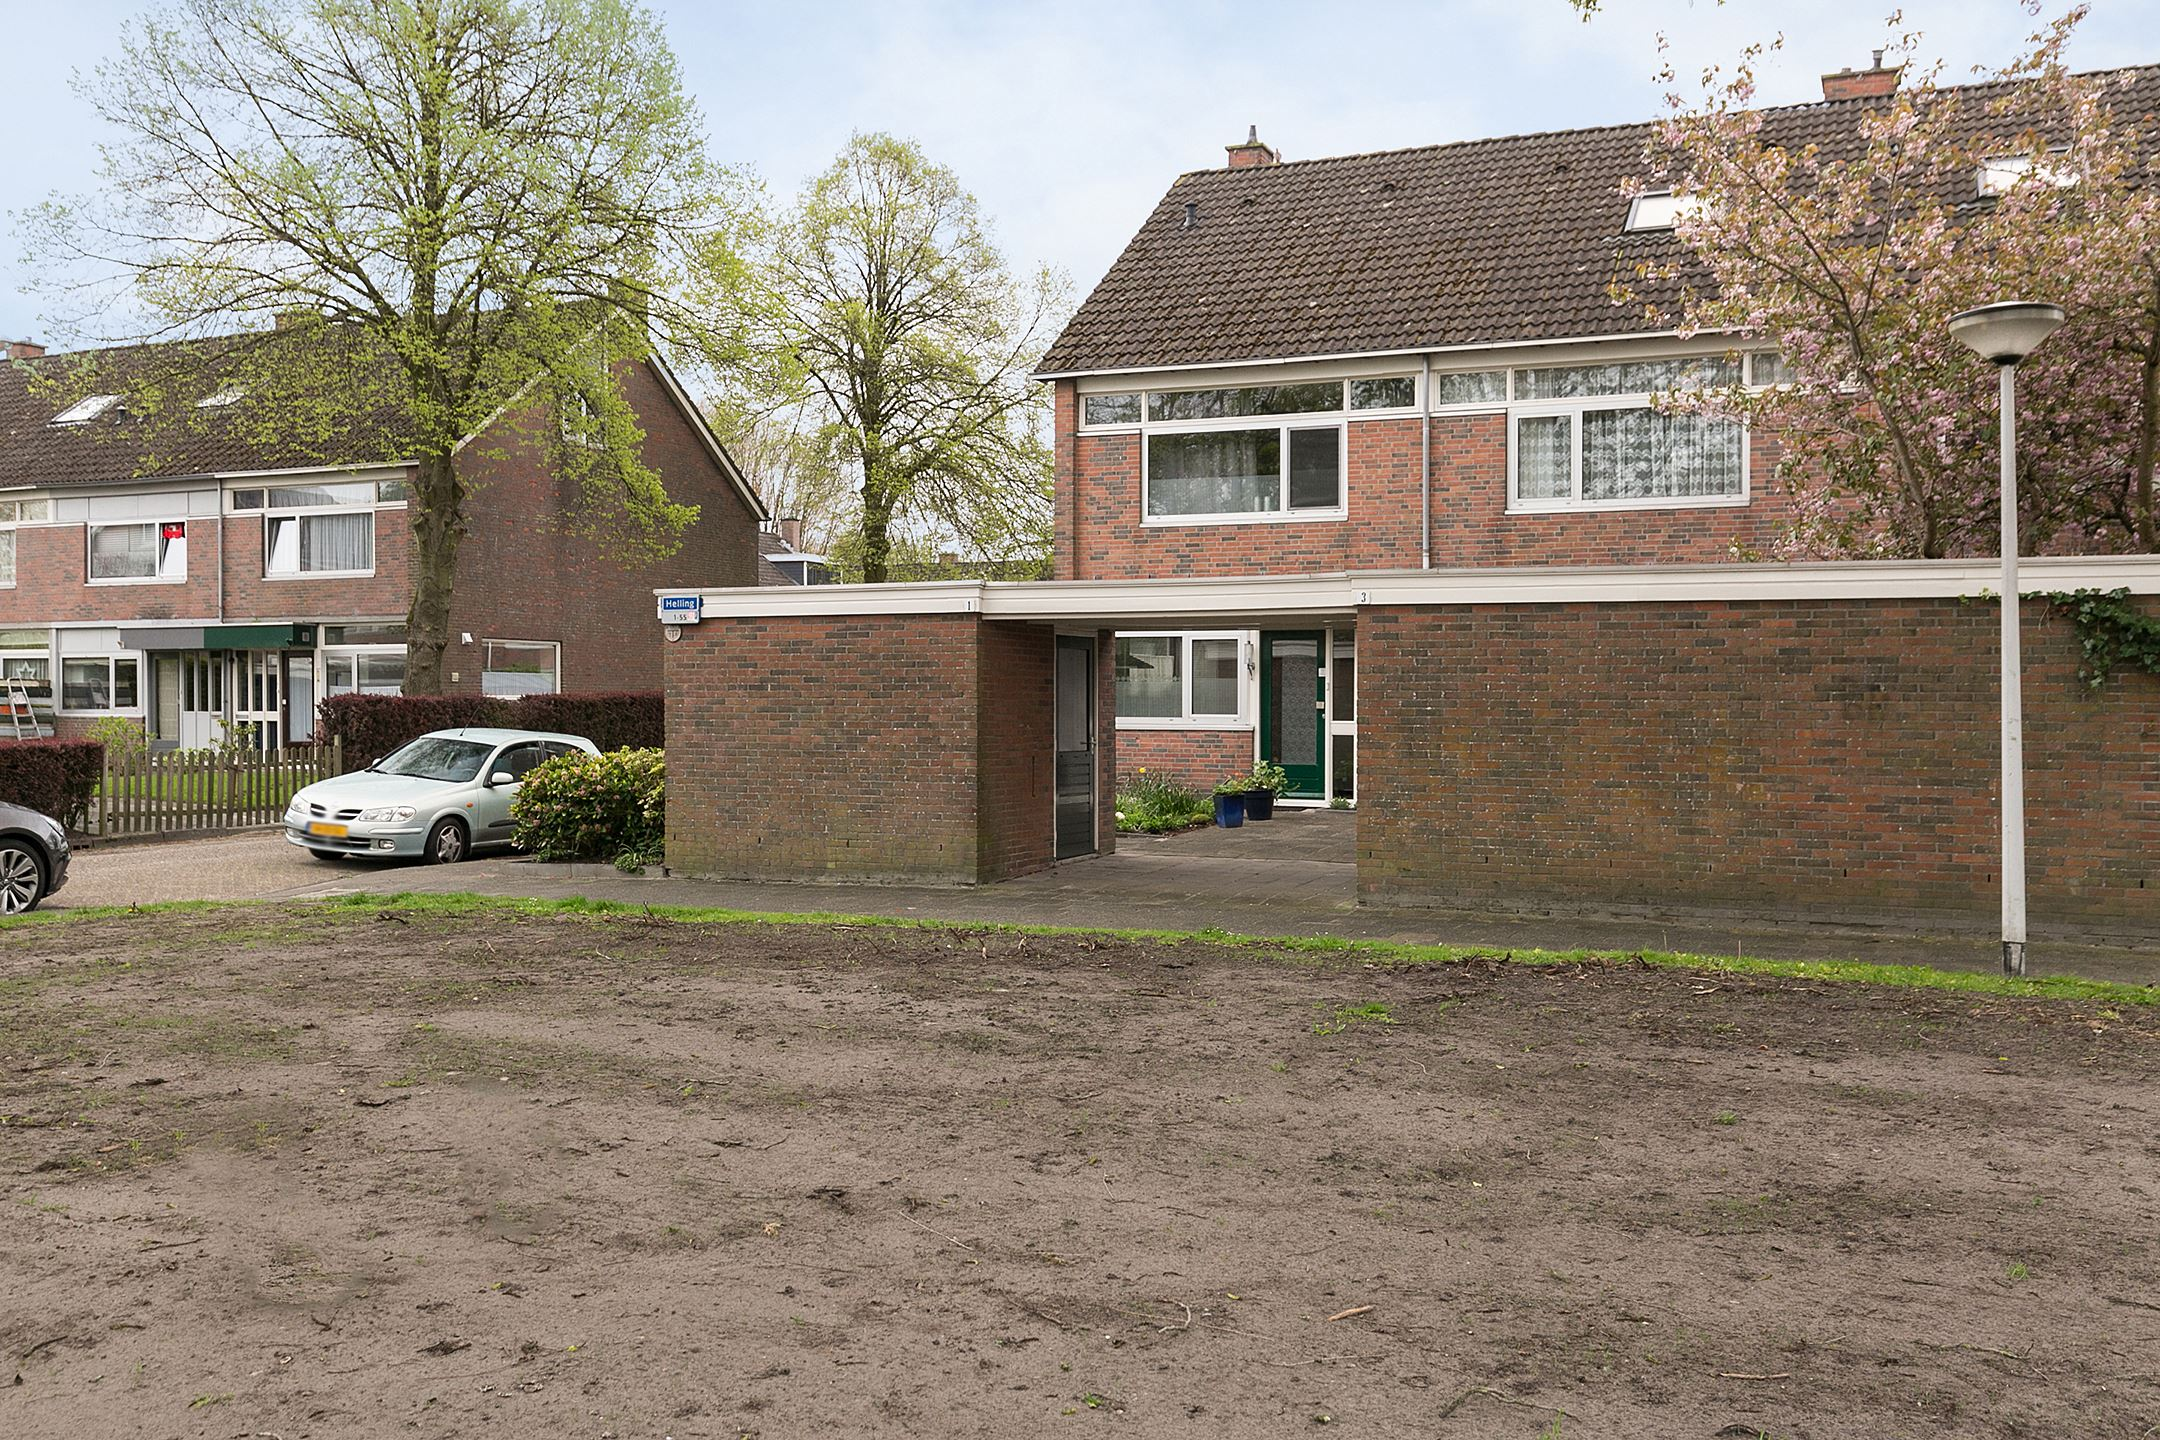 Huis te koop helling 1 9202 tn drachten funda - Eigentijdse huisfotos ...